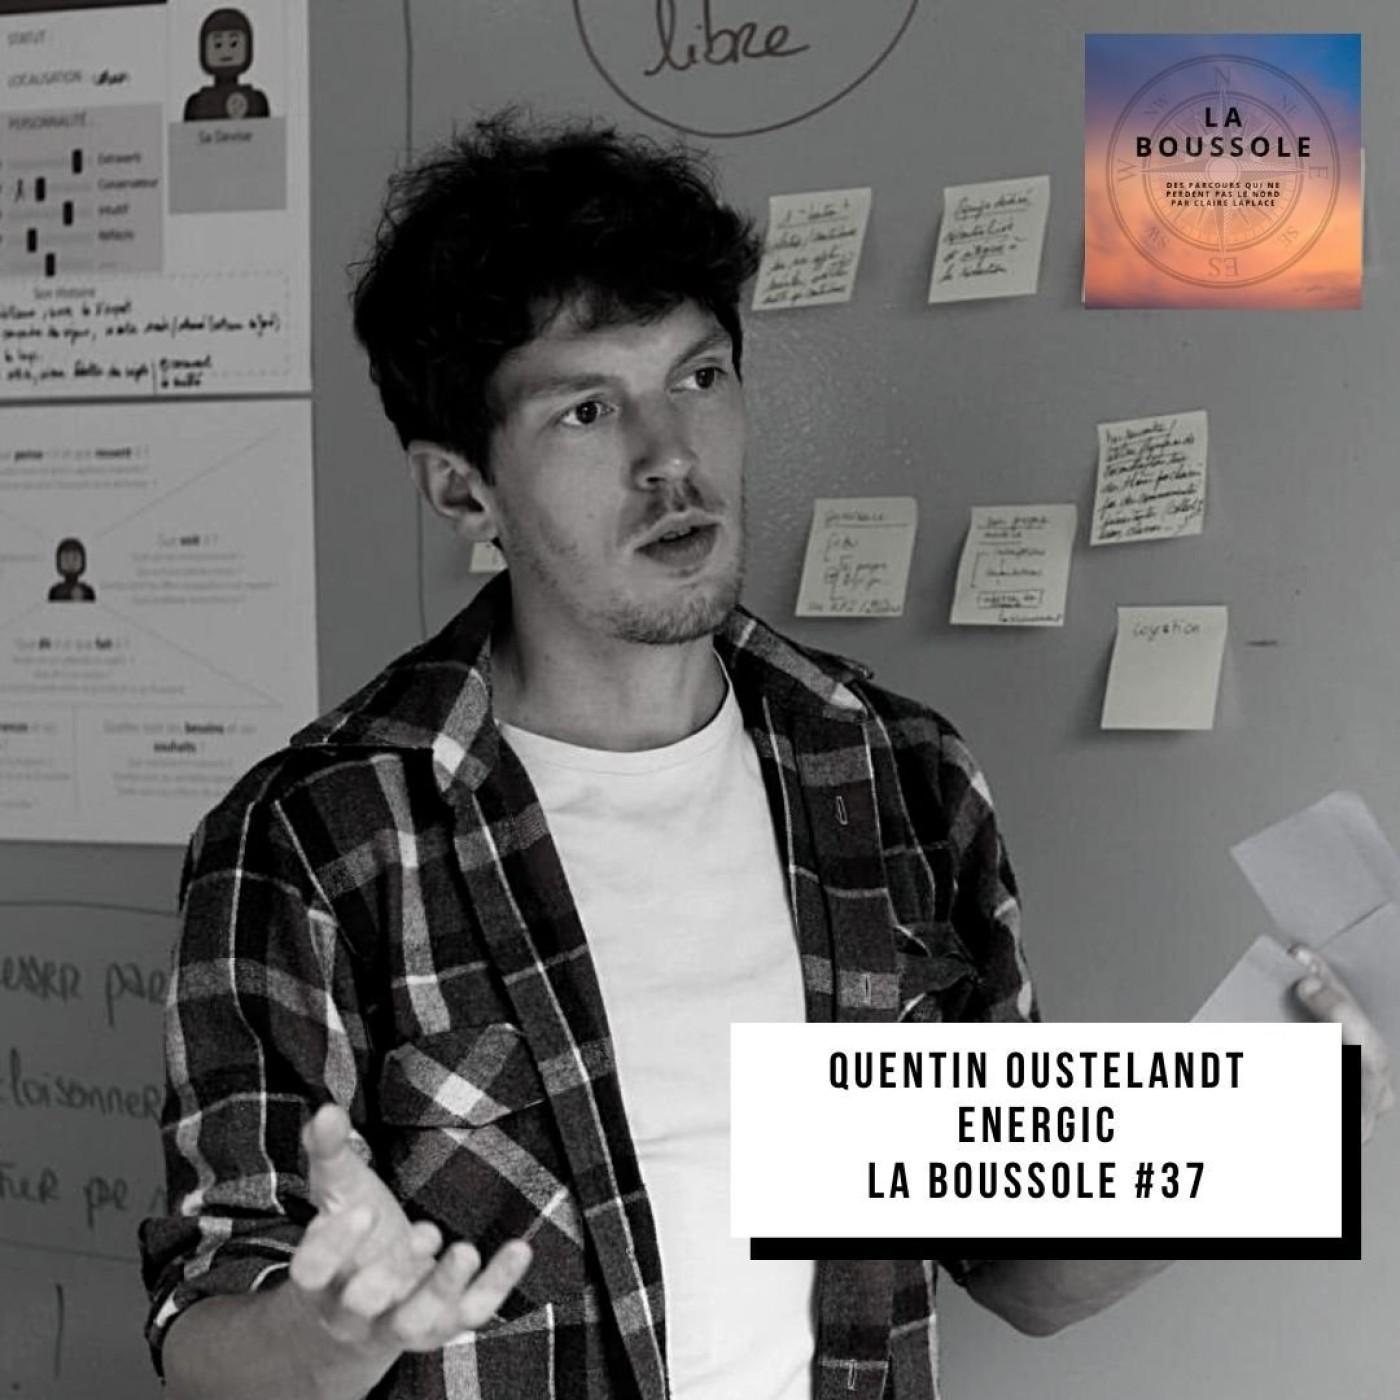 #37_Quentin Oustelandt_Energic_Changer nos habitudes pour agir au quotidien